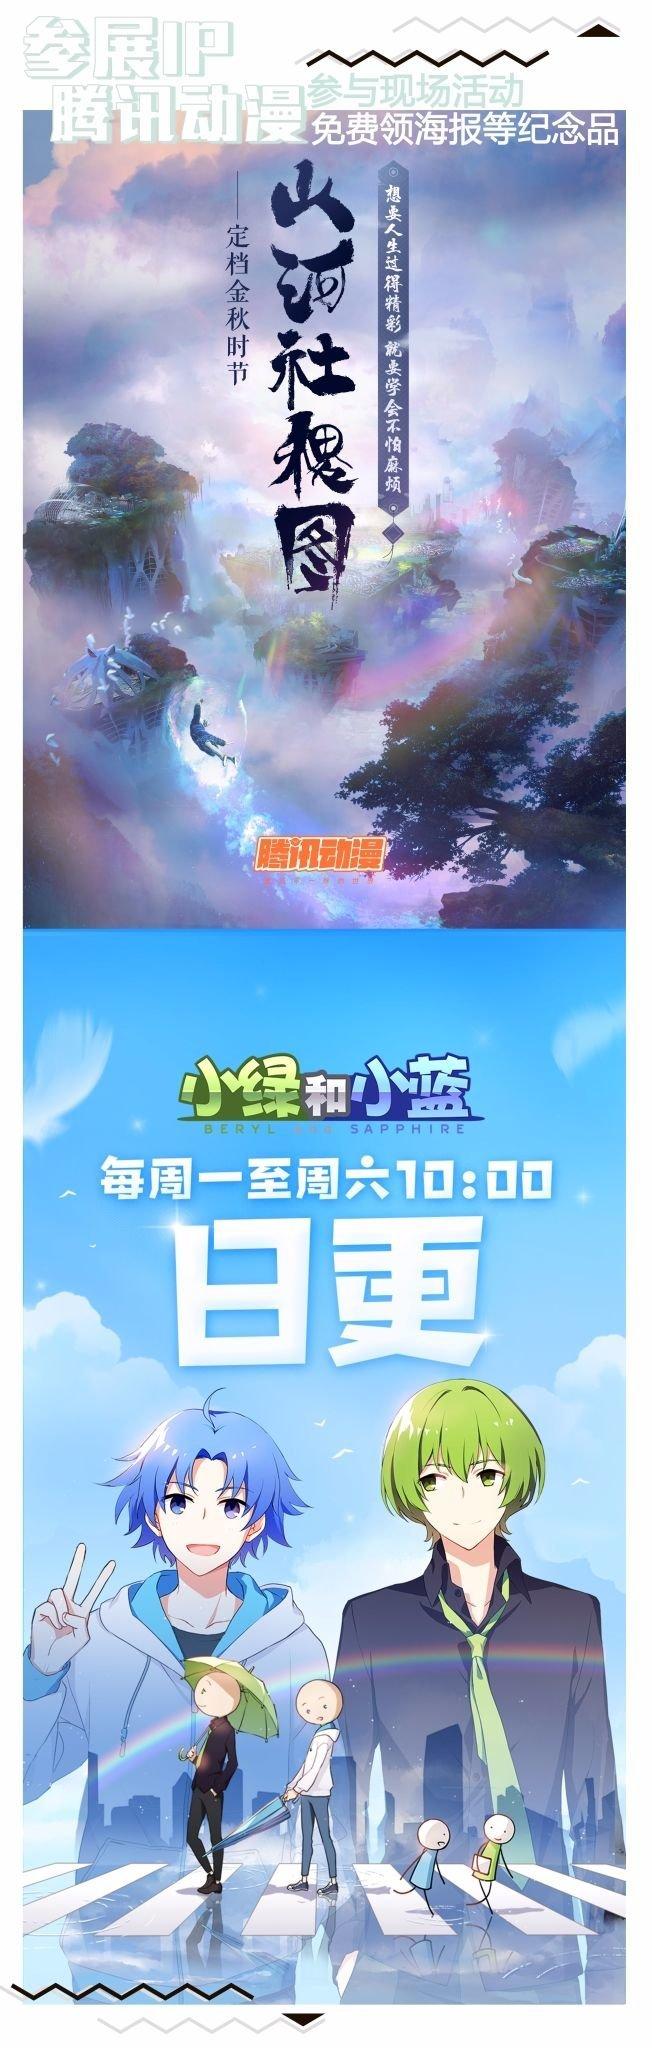 光都五周年秋日祭二宣来啦-C3动漫网